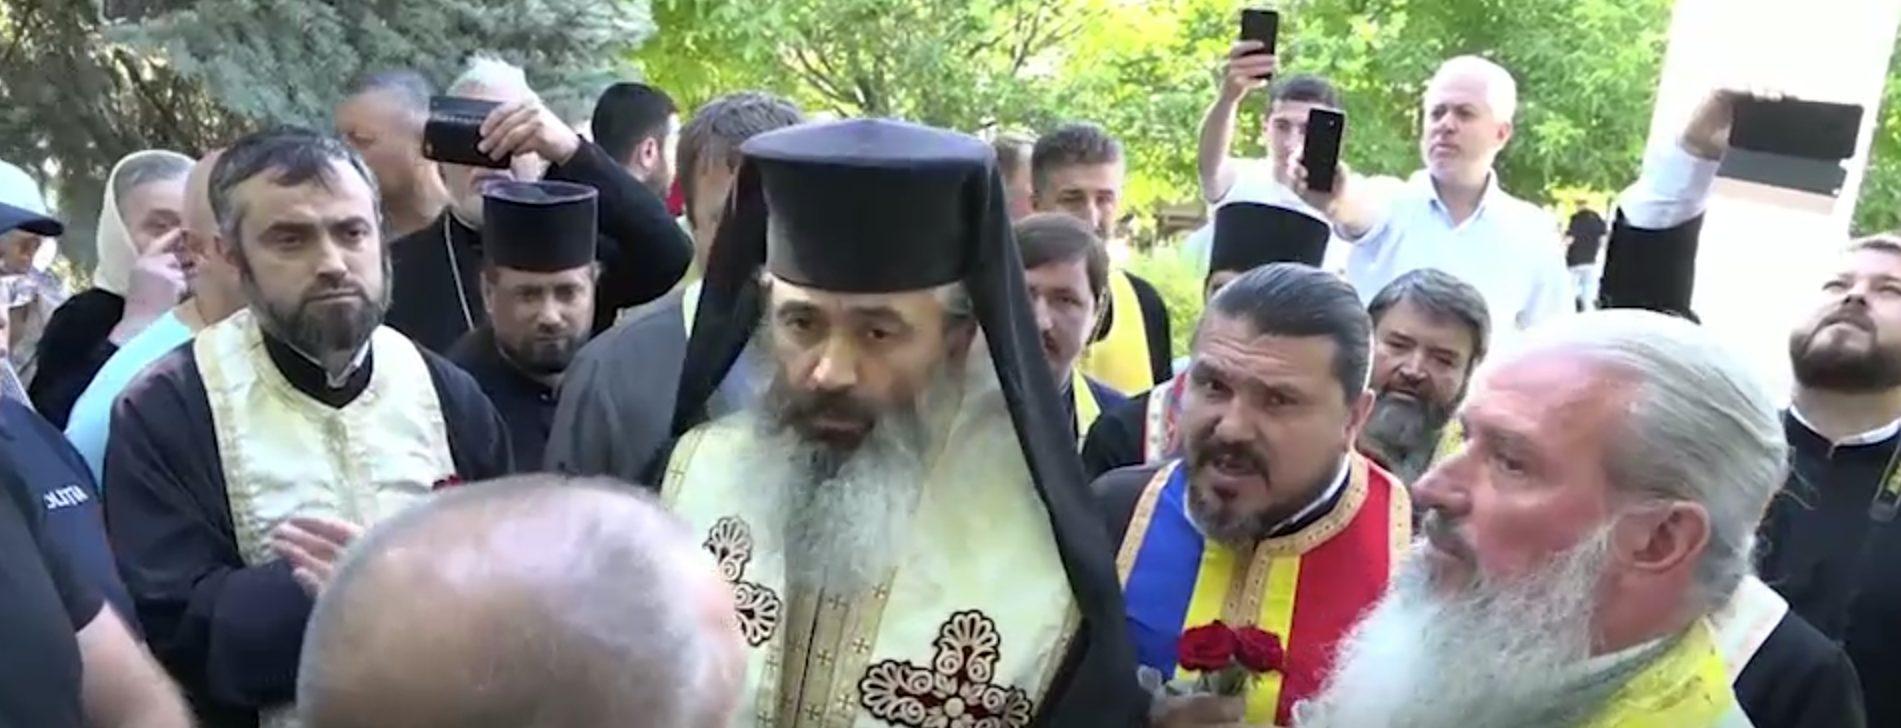 Anatol Moraru // Cum preoții de la Bălți au transformat comemorarea deportaților într-un spectacol penibil